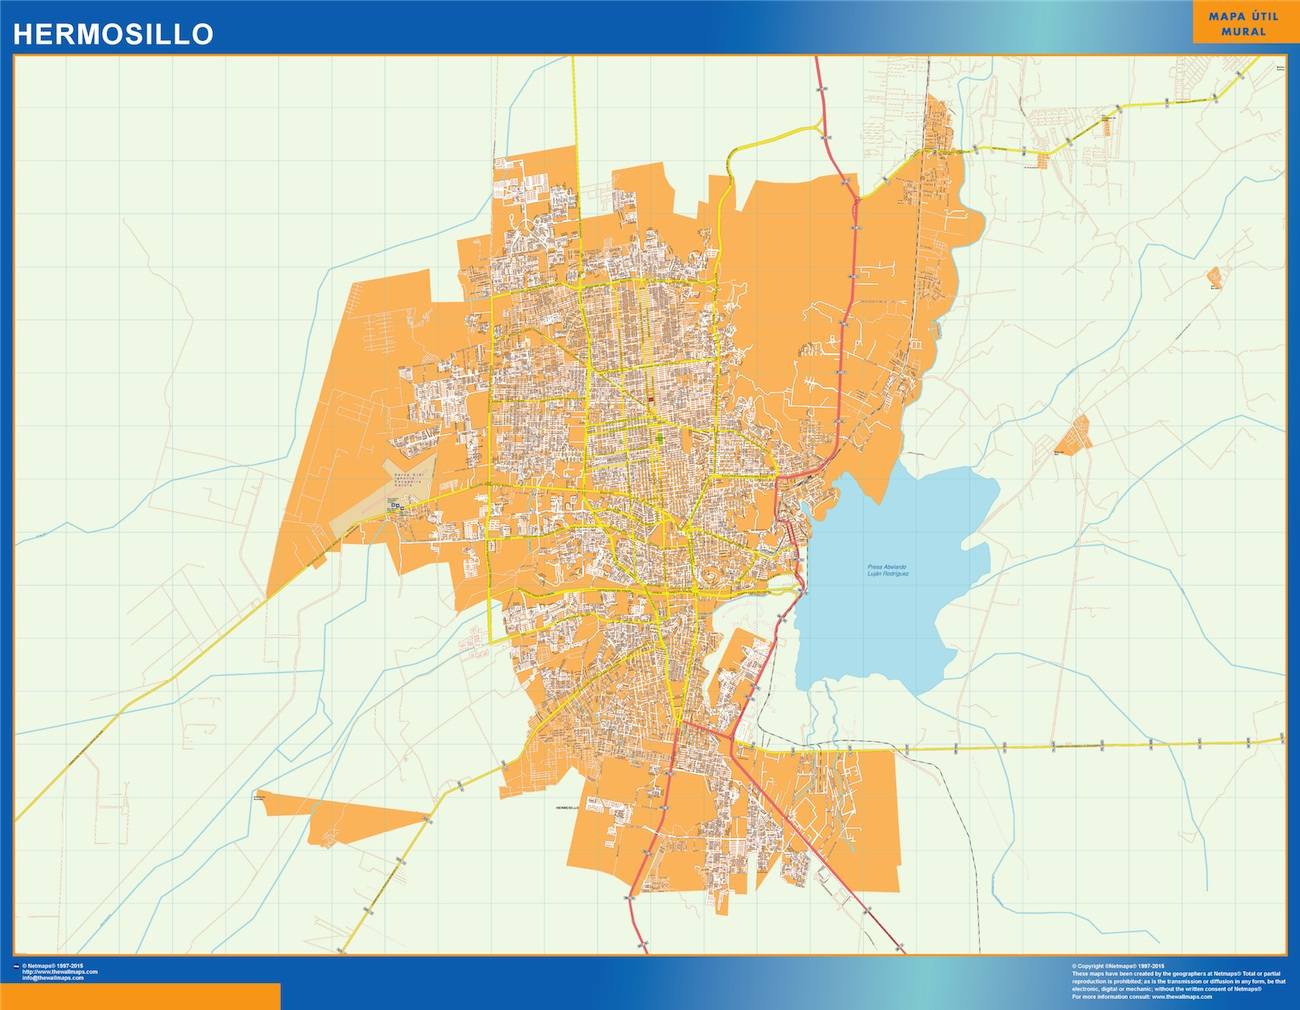 Mapa Hermosillo en Mexico plastificado gigante